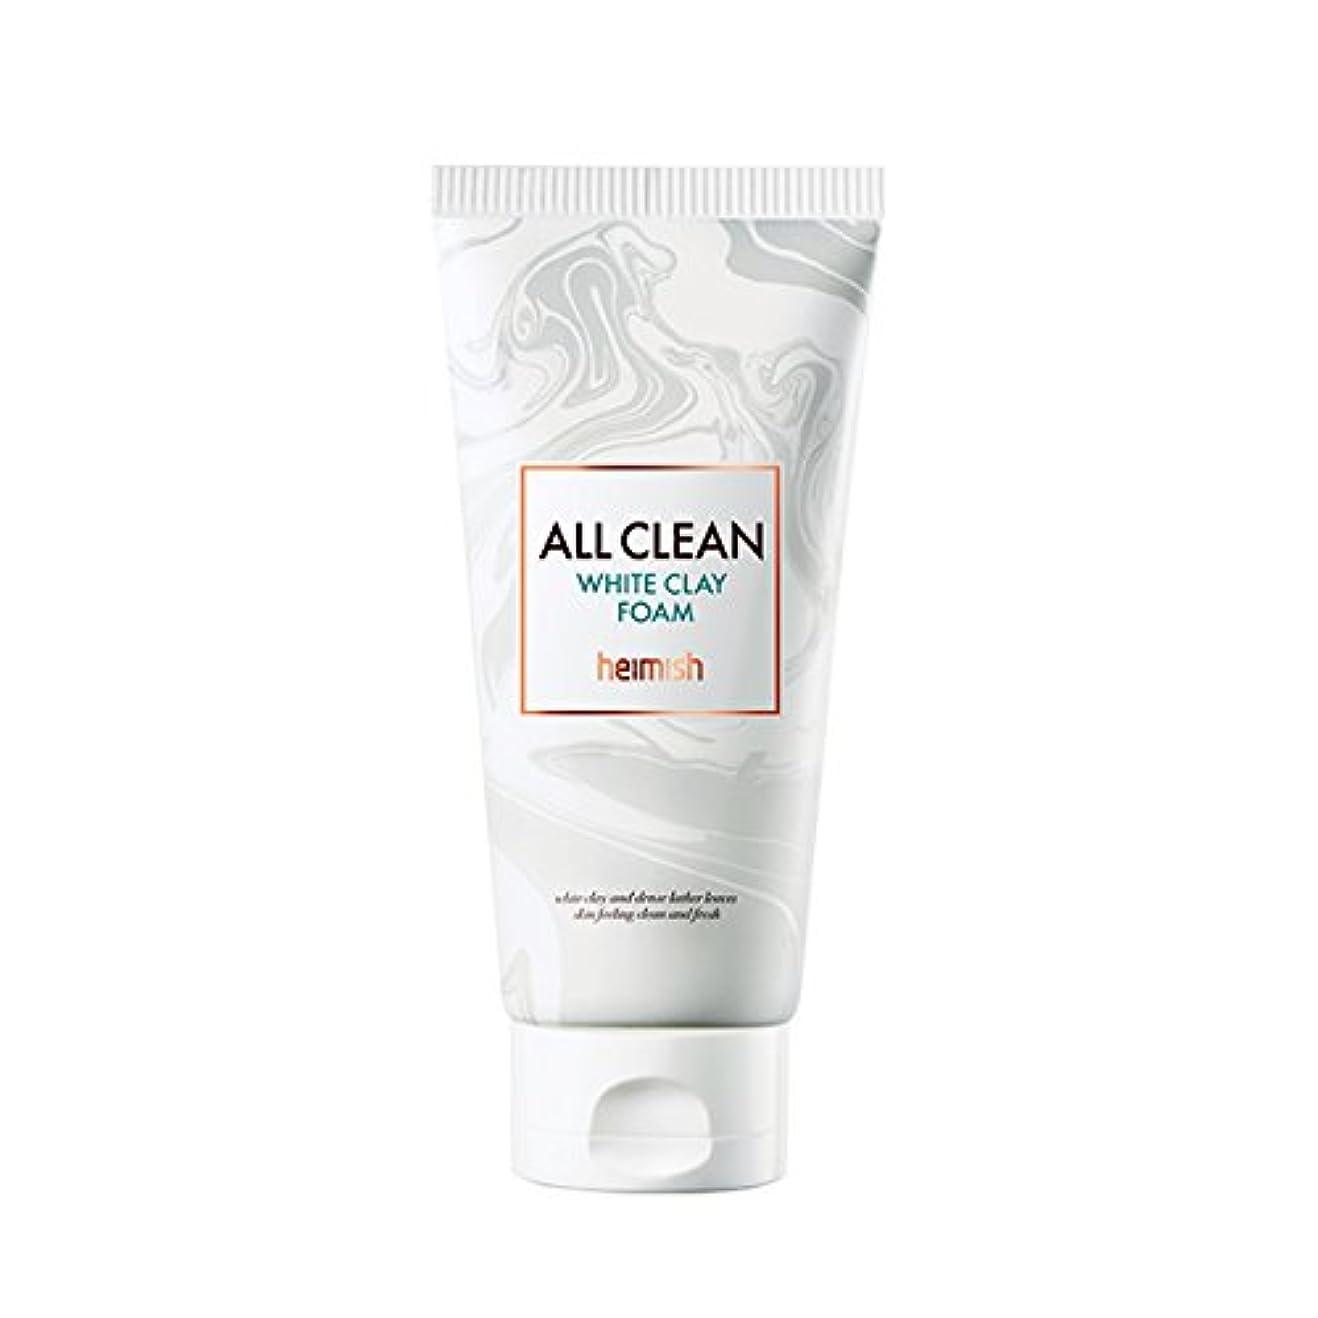 交流する近々好むheimish All Clean White Clay Foam 150g/ヘイミッシュ オールクリーン ホワイト クレイ フォーム 150g